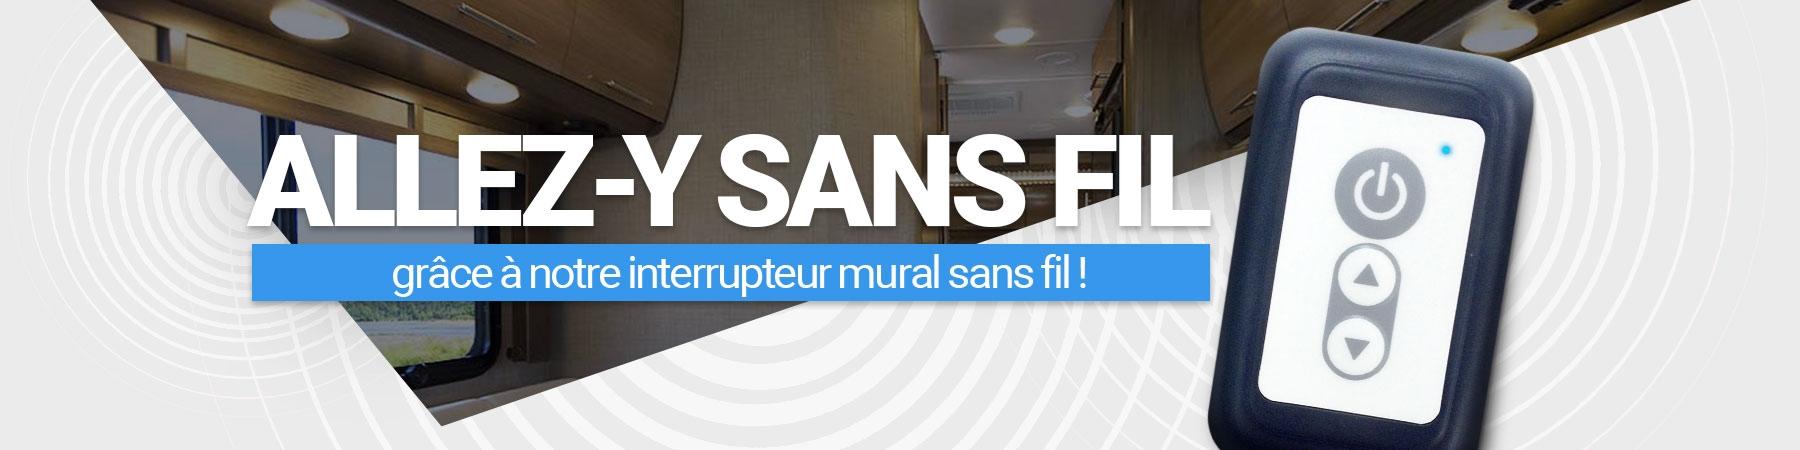 Allez-Y Sans Fil!